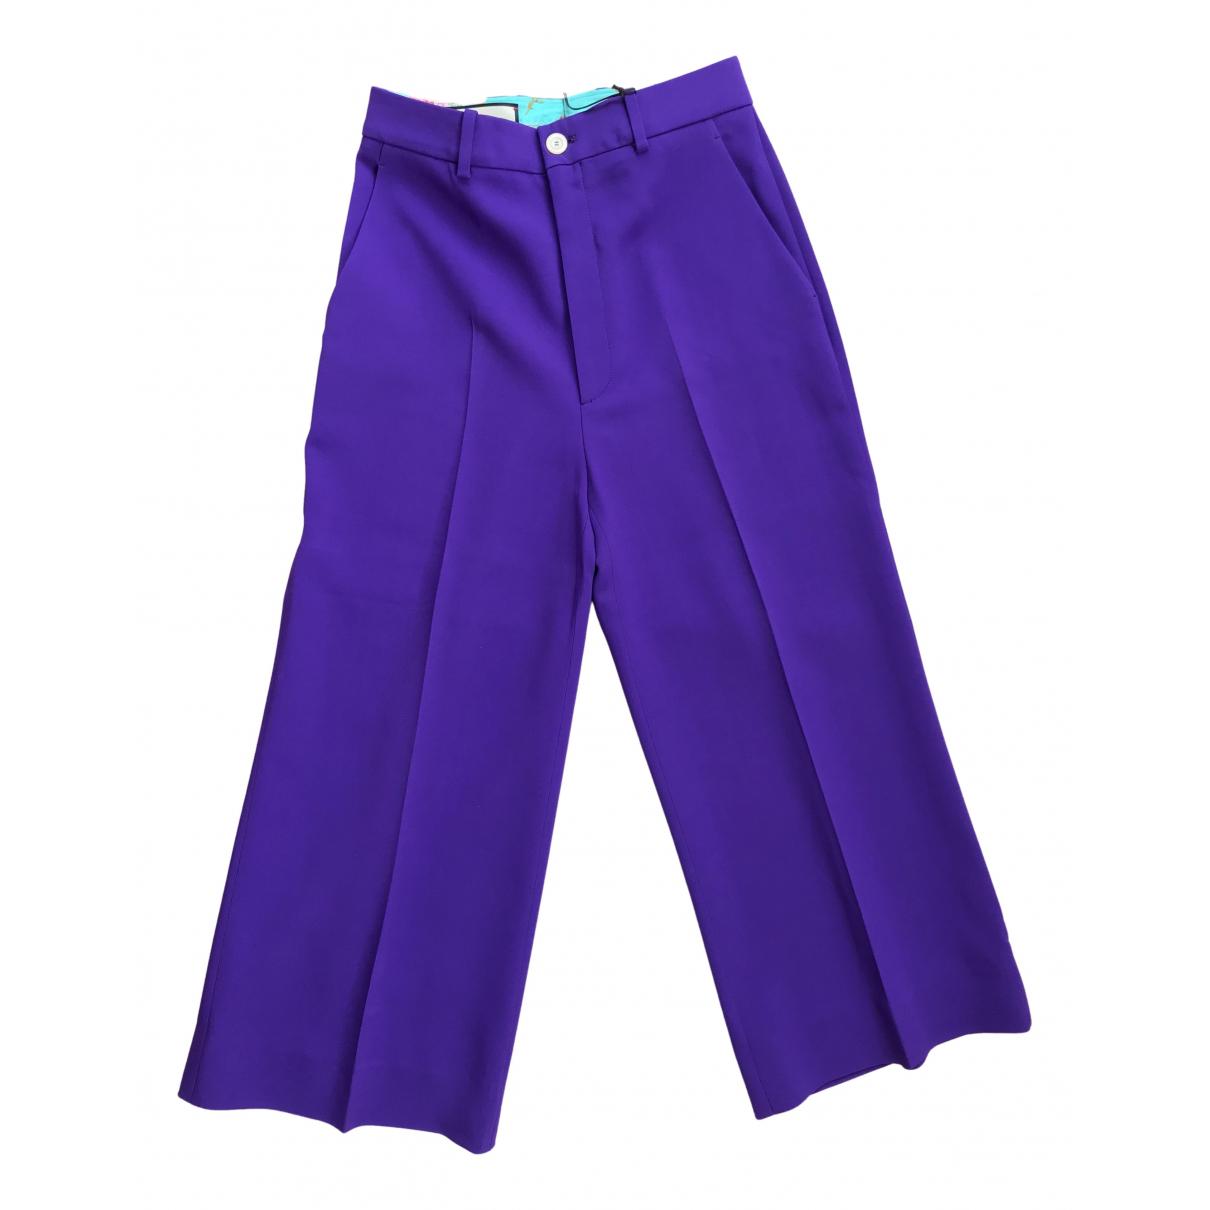 Pantalon en Viscosa Violeta Gucci